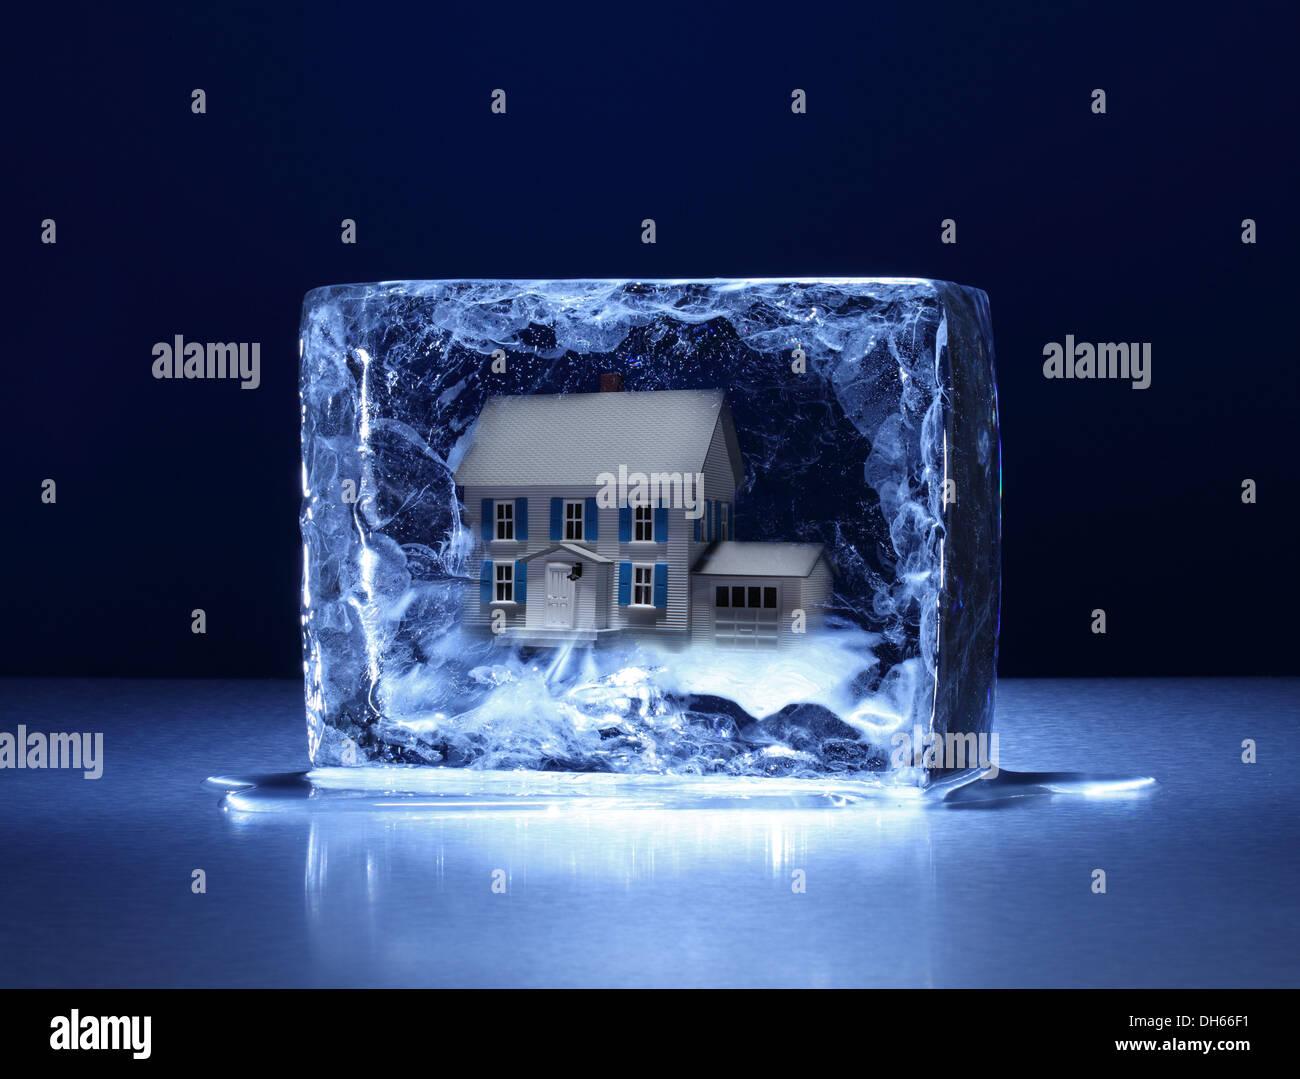 Ein Musterhaus in einem klaren Eisblock eingefroren Stockbild